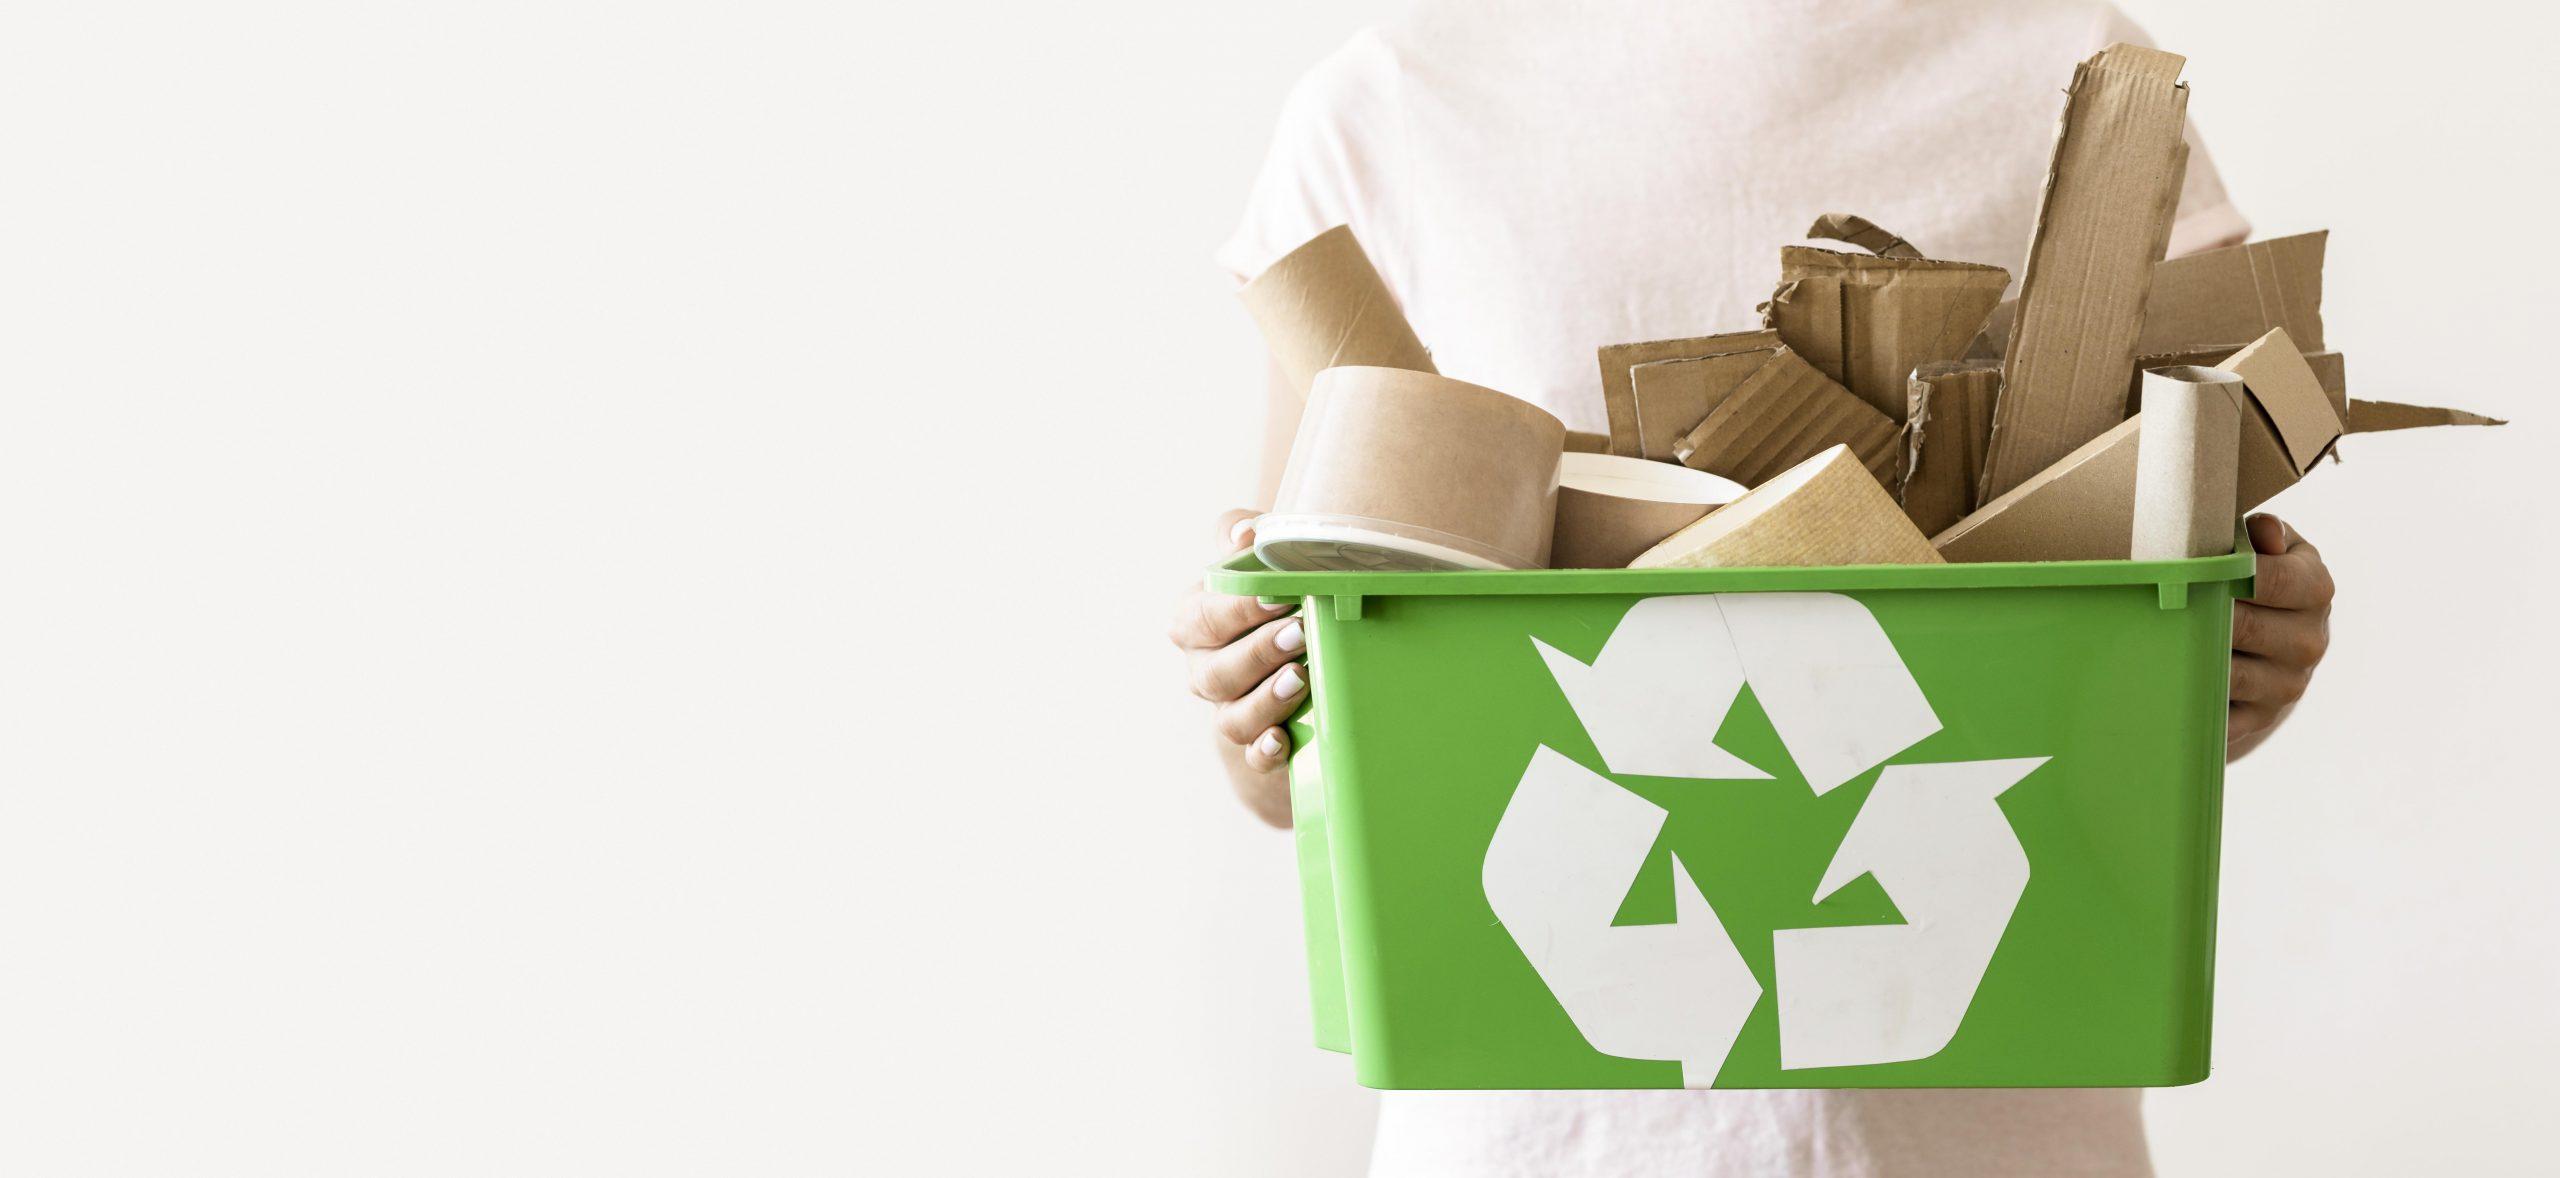 oposición agente de residuos medioambientales